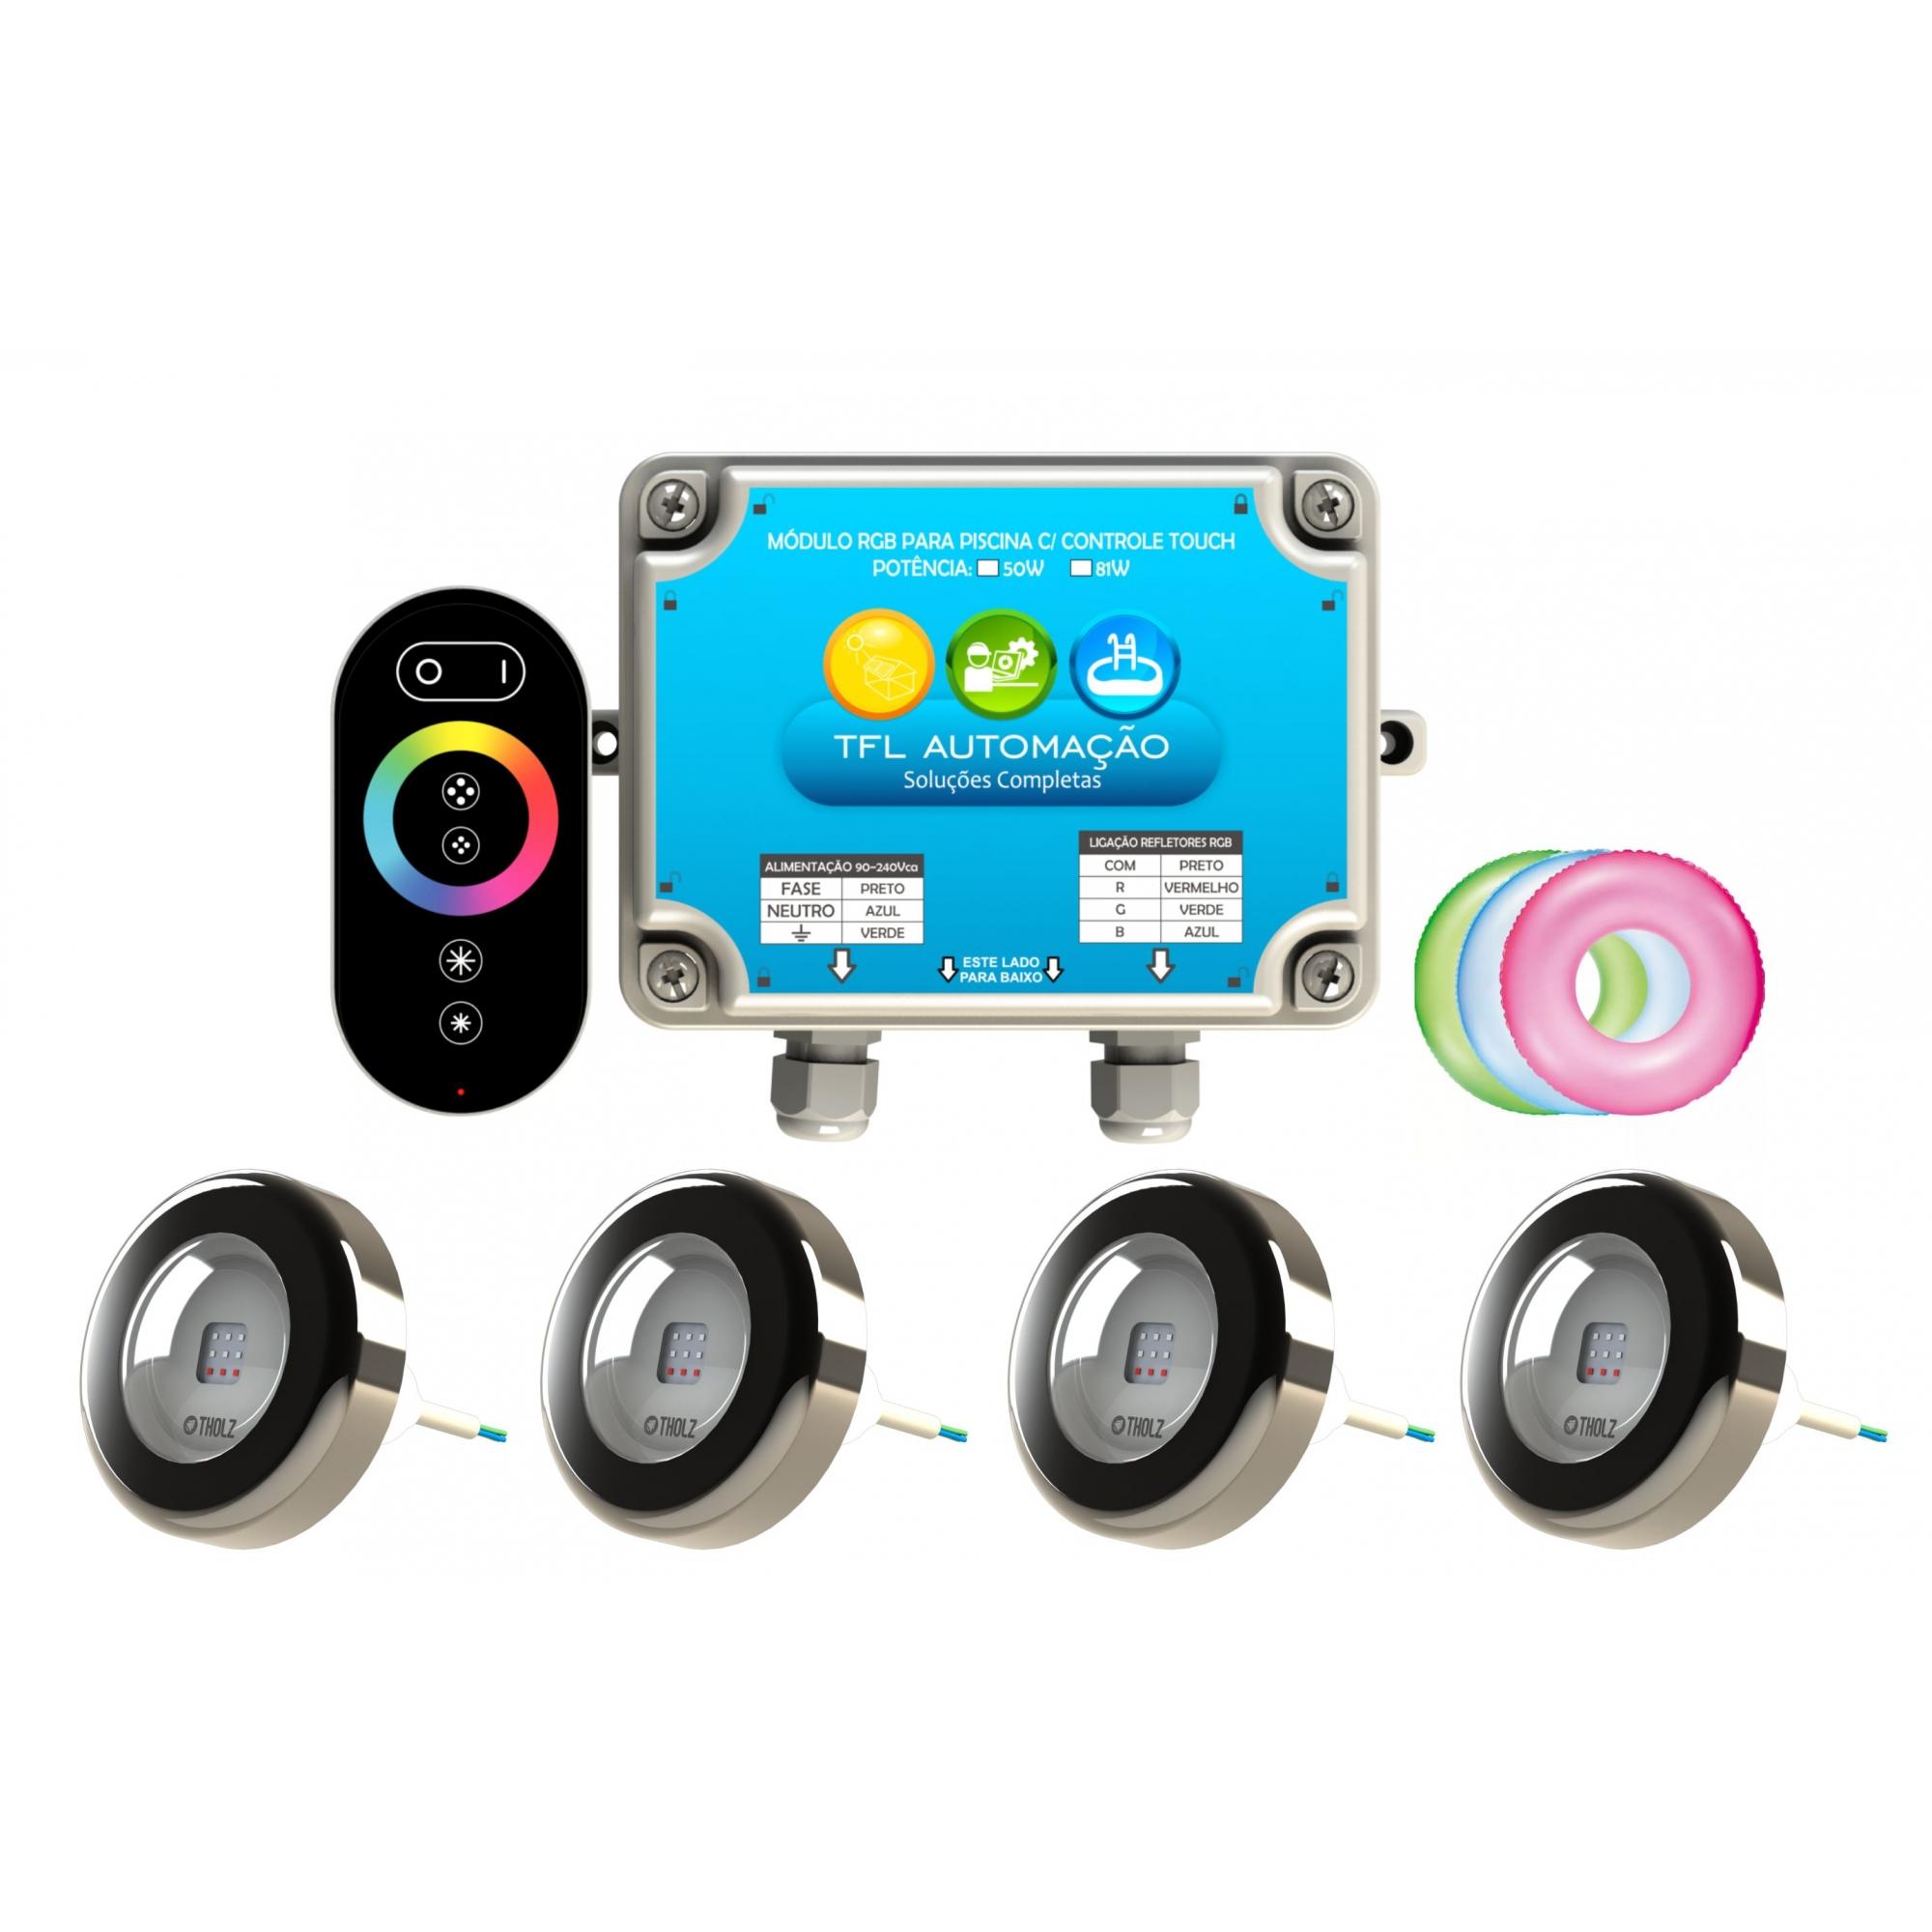 Kit Iluminação Piscina - 4 Leds Rgb 4,5w Tholz Inox + Módulo c/ Controle Touch 50w